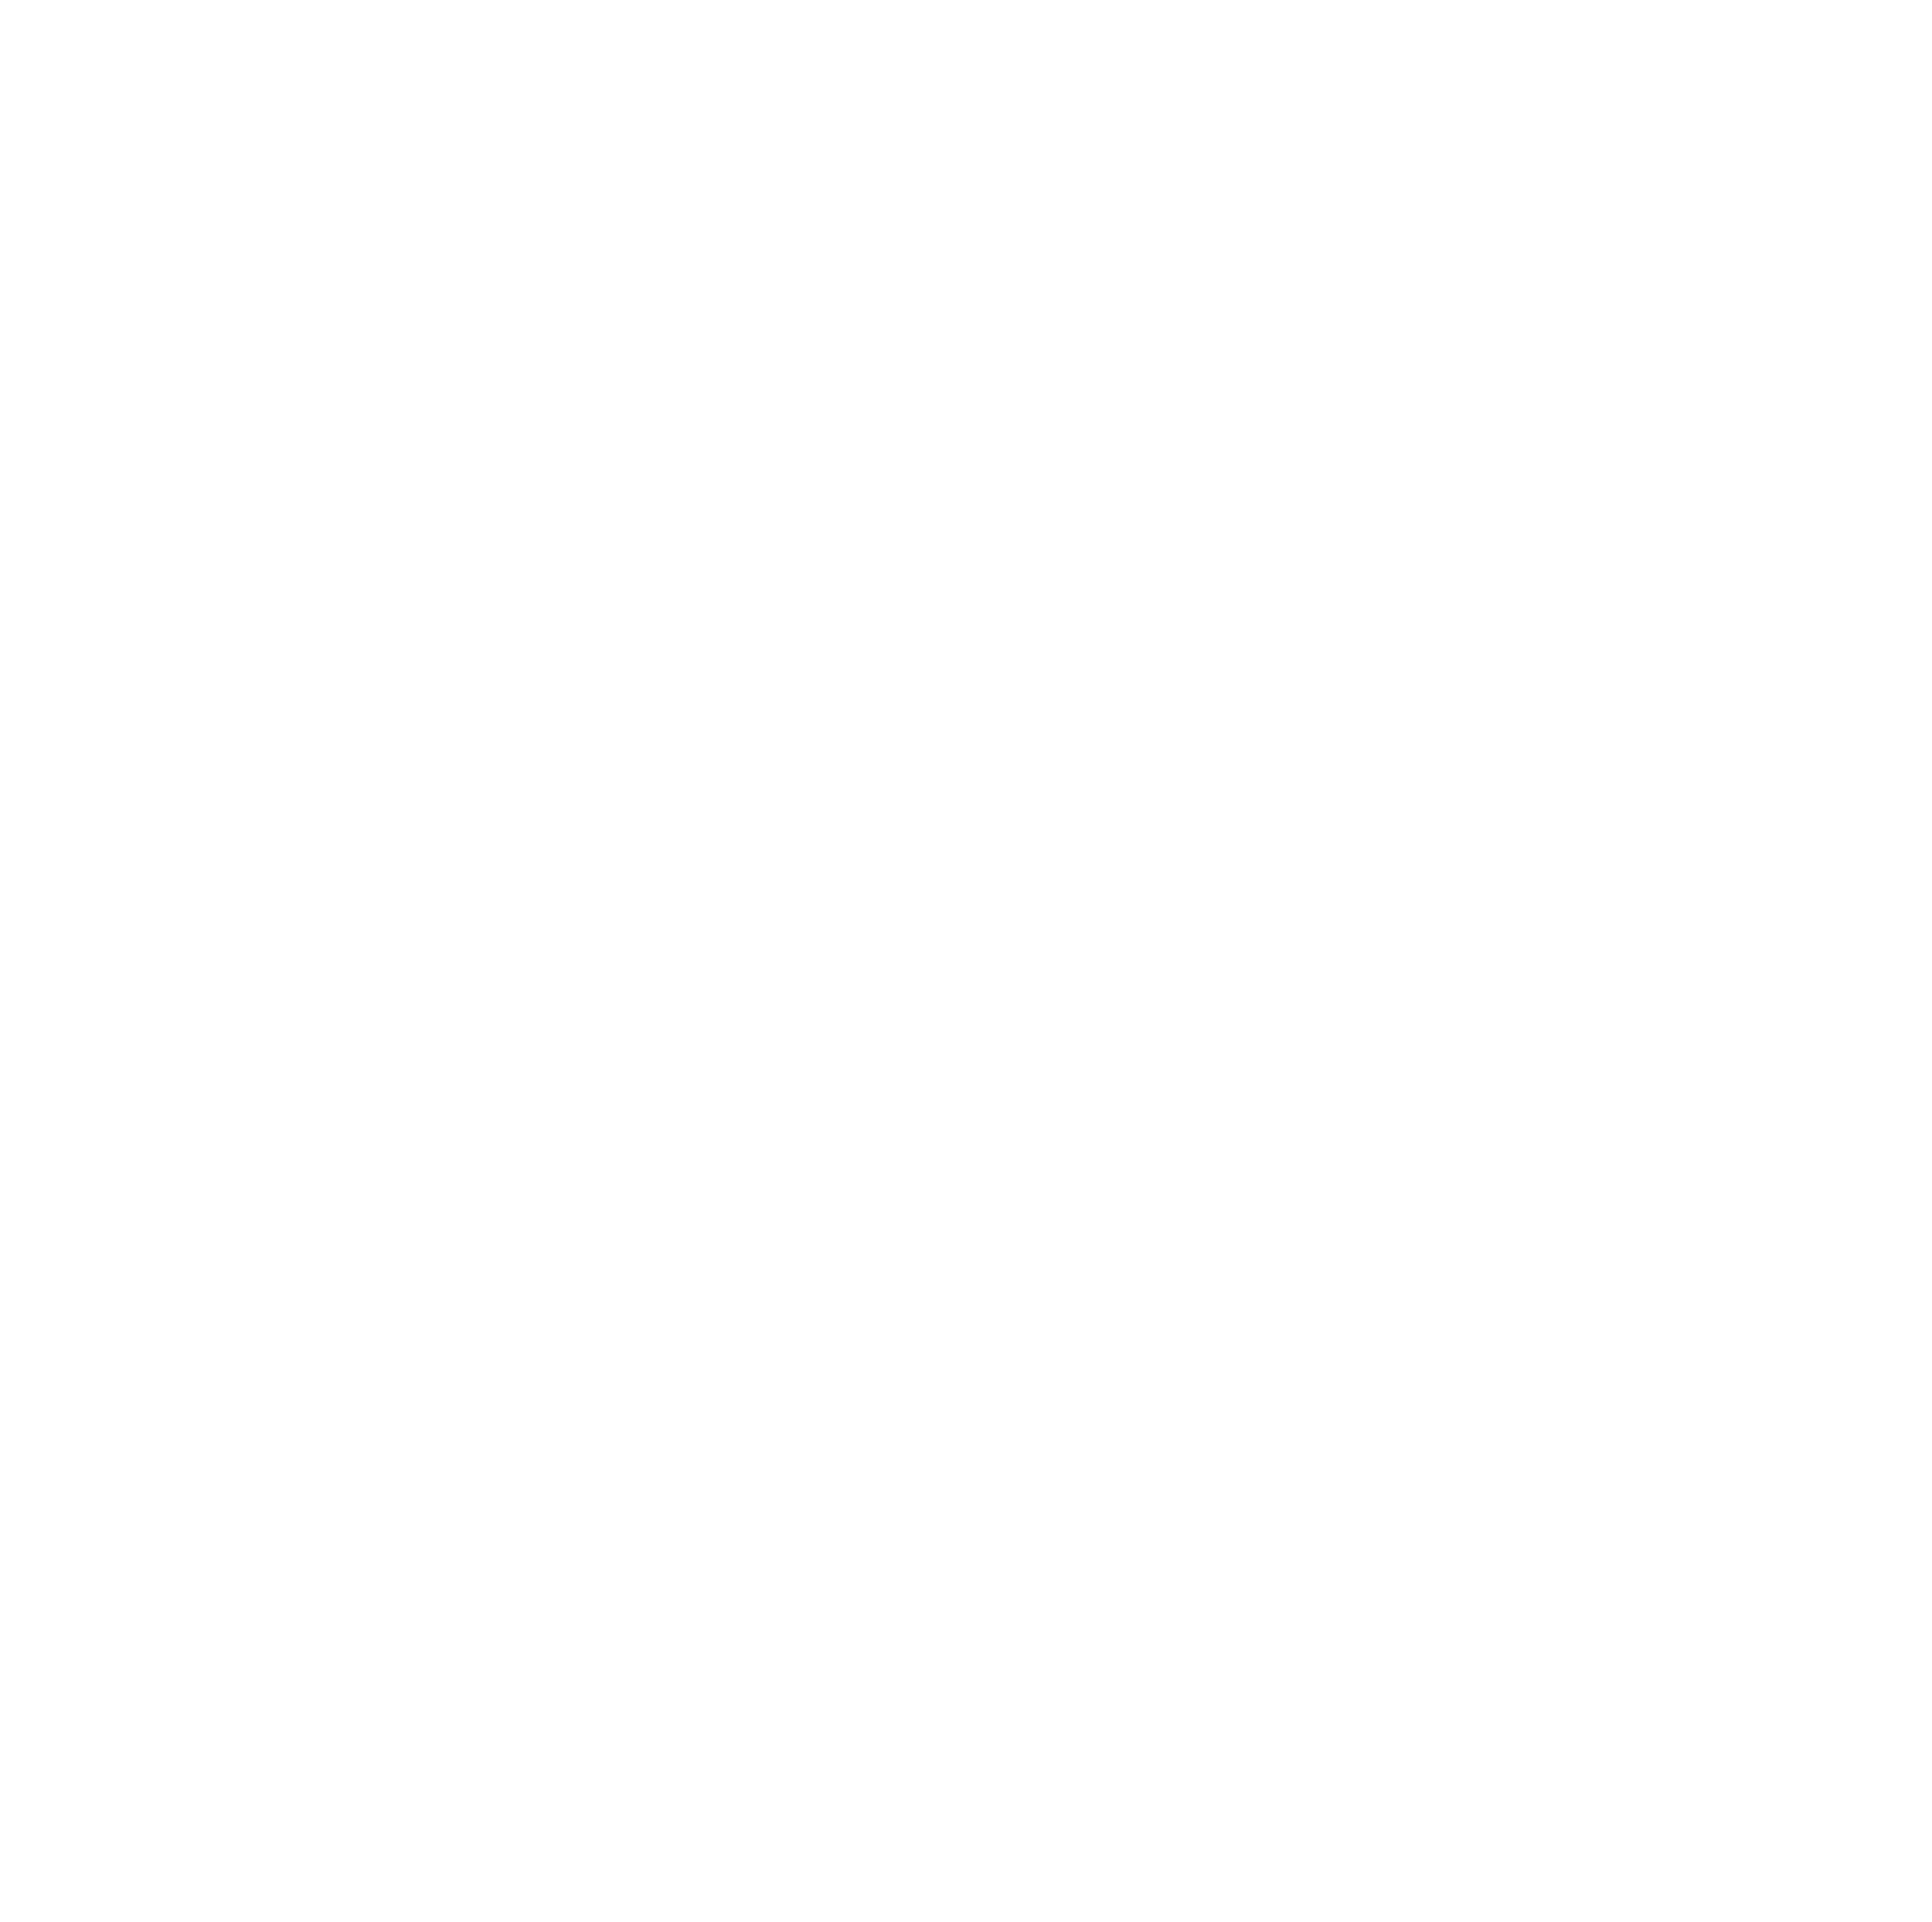 NRIA - Partner Logos-18 white.png